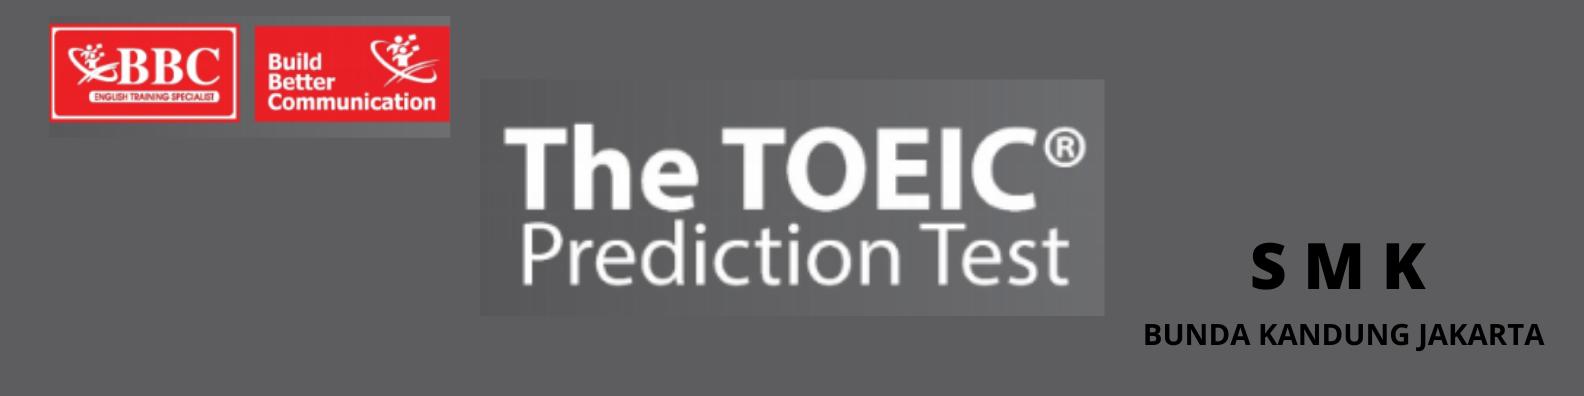 TOEIC Prediction Test at SMK Bunda Kandung Jakarta